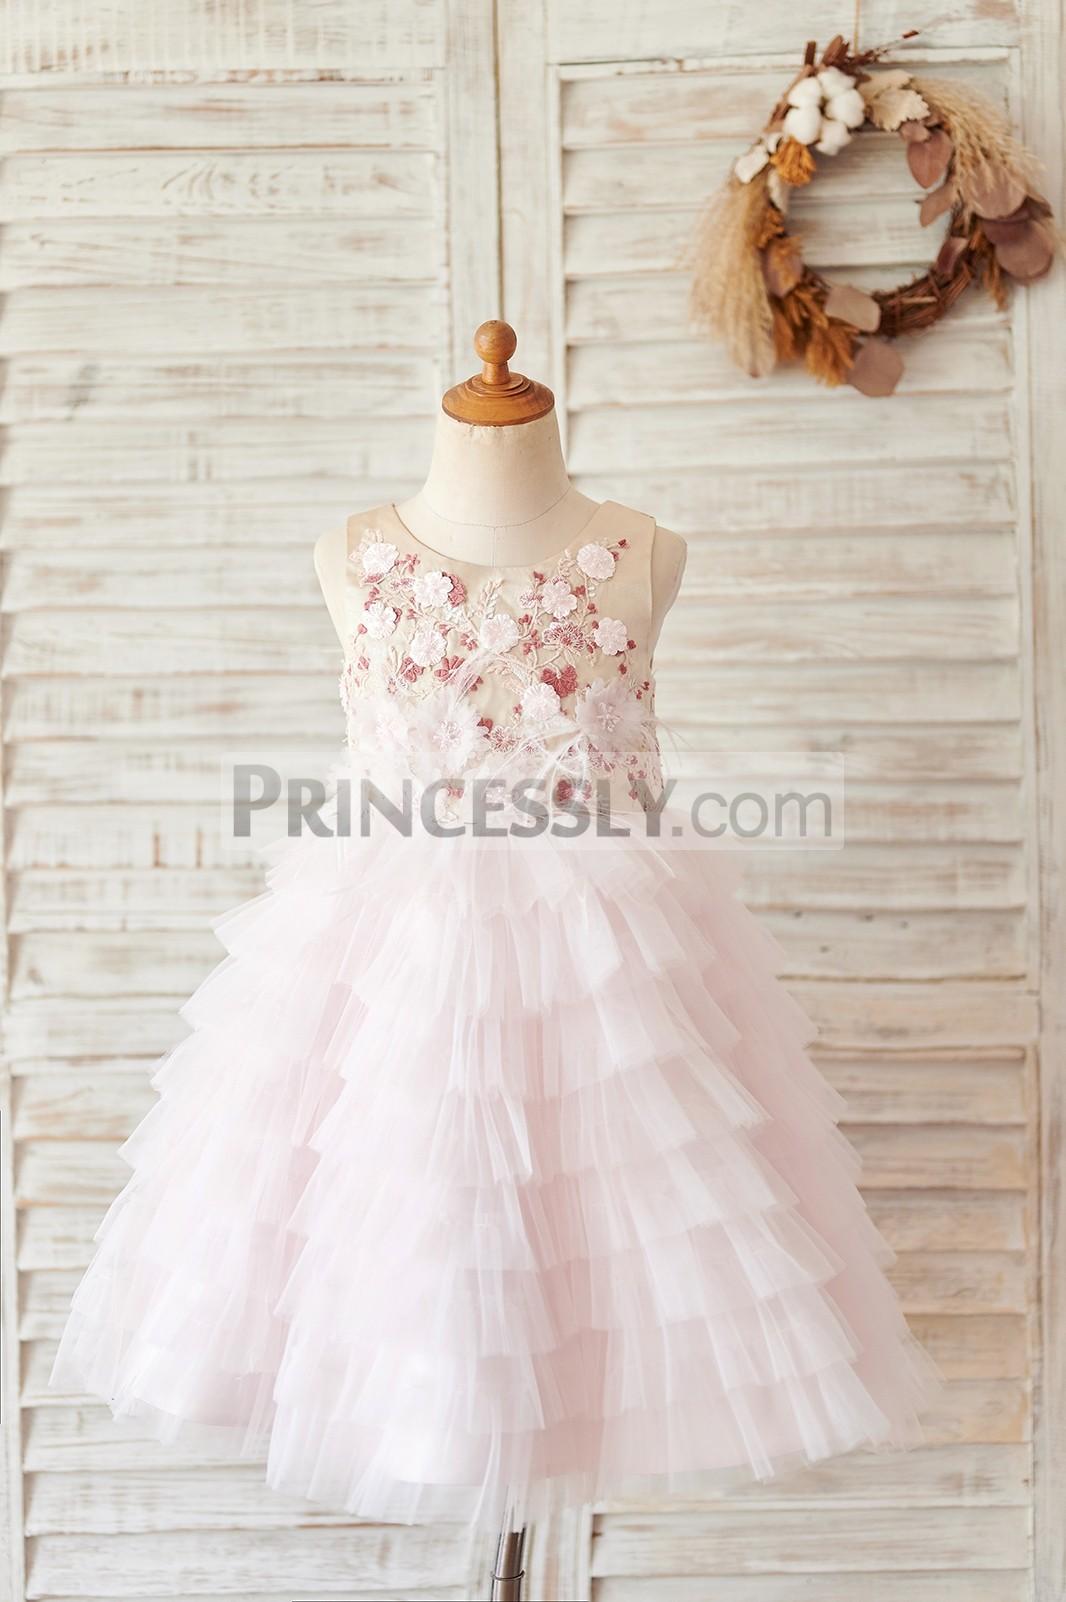 Princessly.com-K1004060-Blush Pink Tulle Embroidery Lace V Back Wedding Flower Girl Dress-31